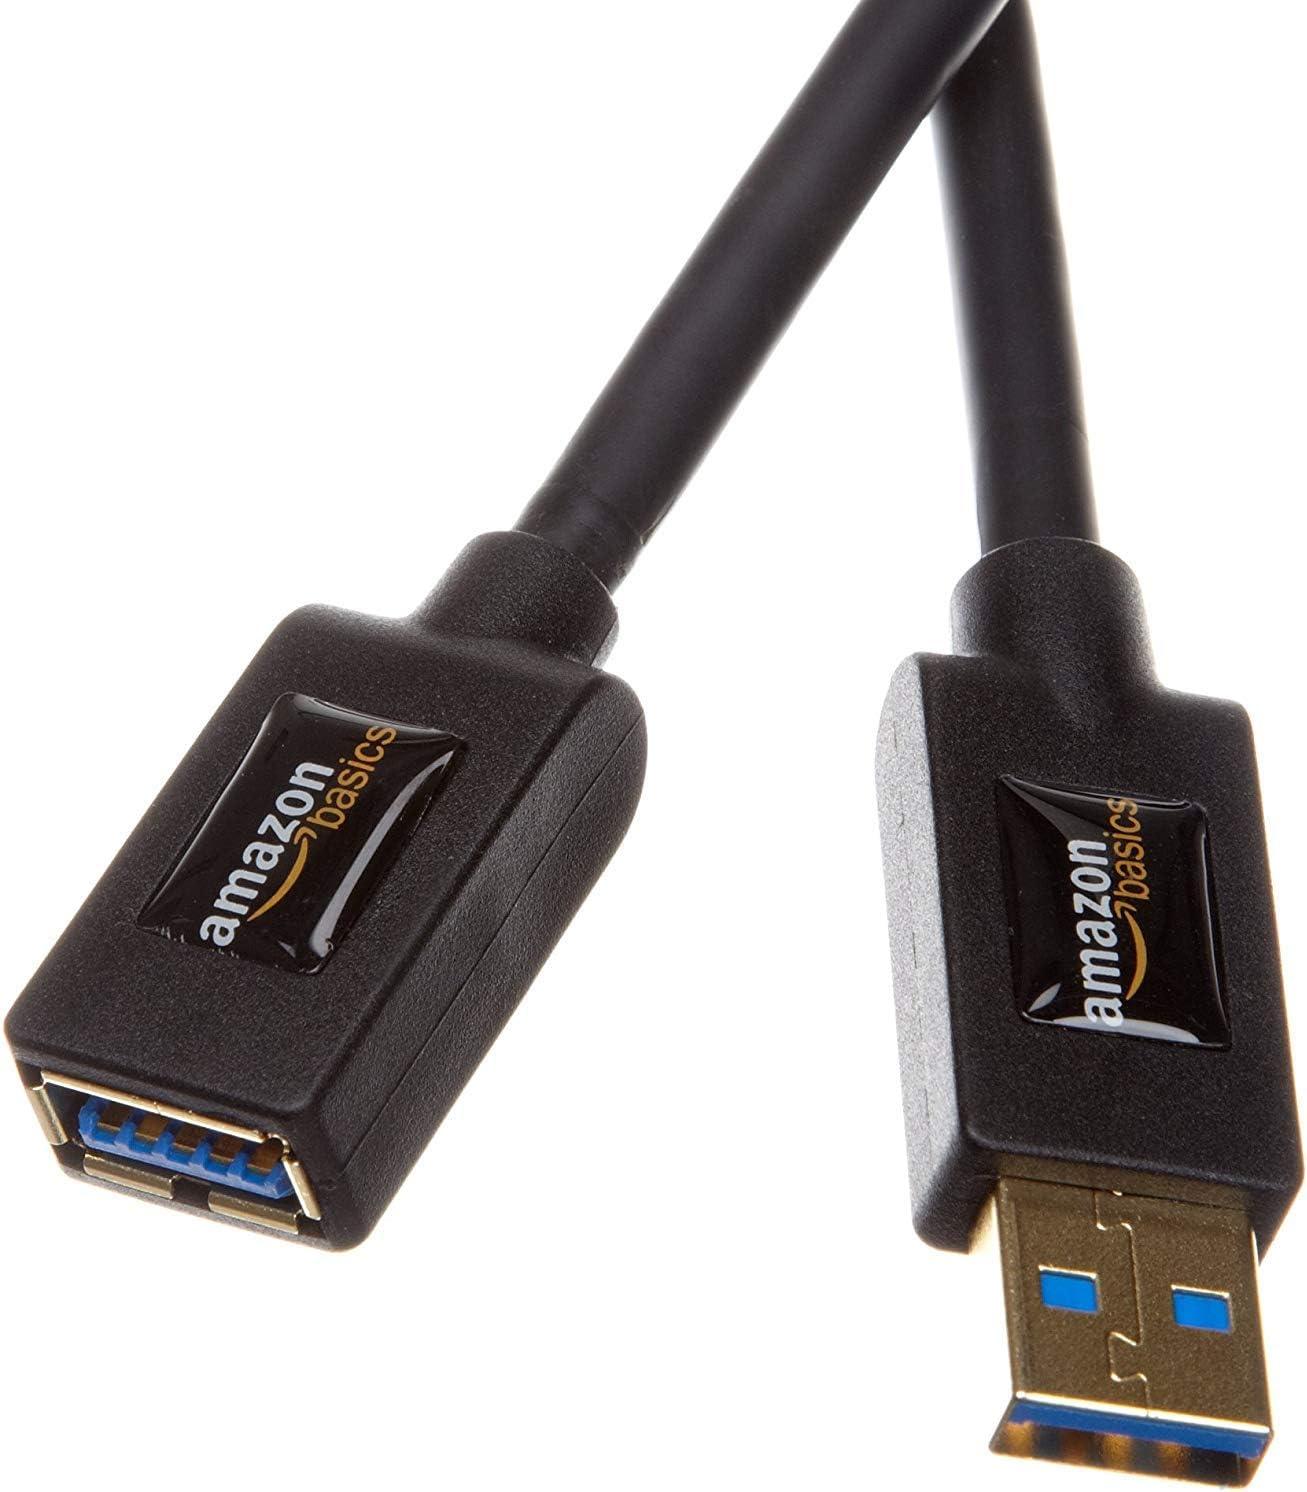 AmazonBasics - Cable alargador USB 3.0 tipo A macho a tipo A ...